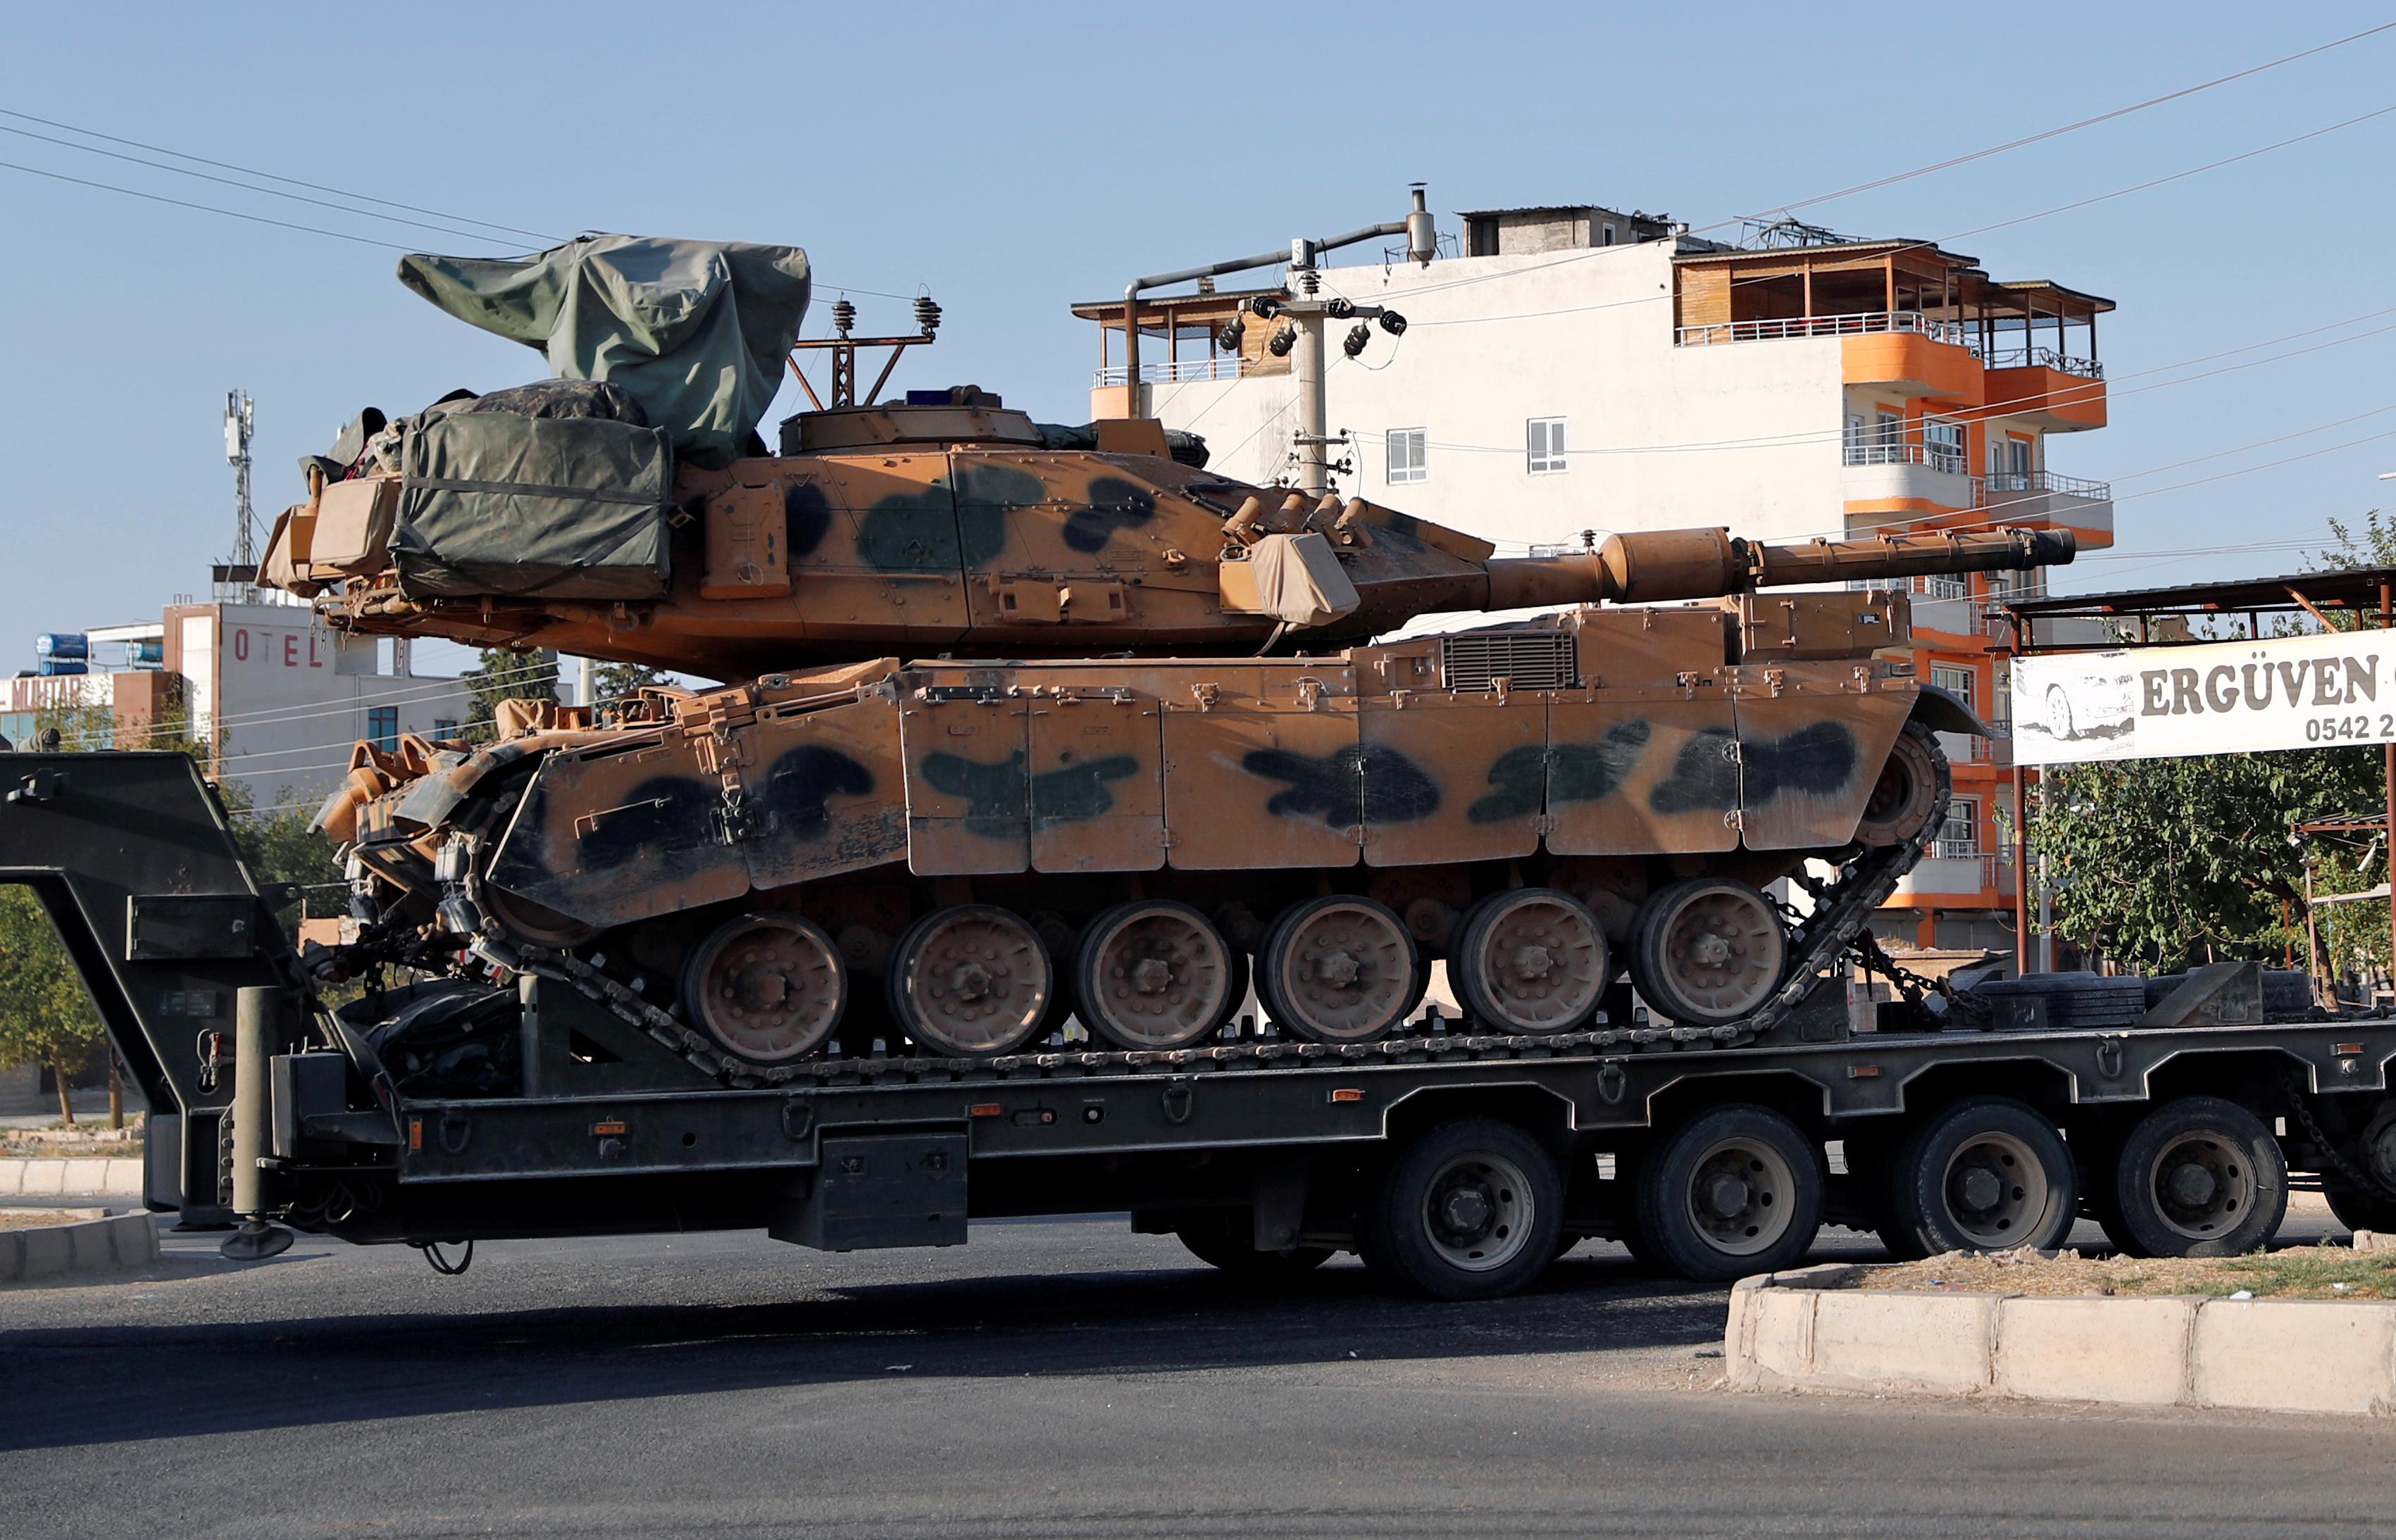 Les forces dirigées par la Turquie entrent dans la ville frontalière syrienne de Ras al Ain, les combats font rage